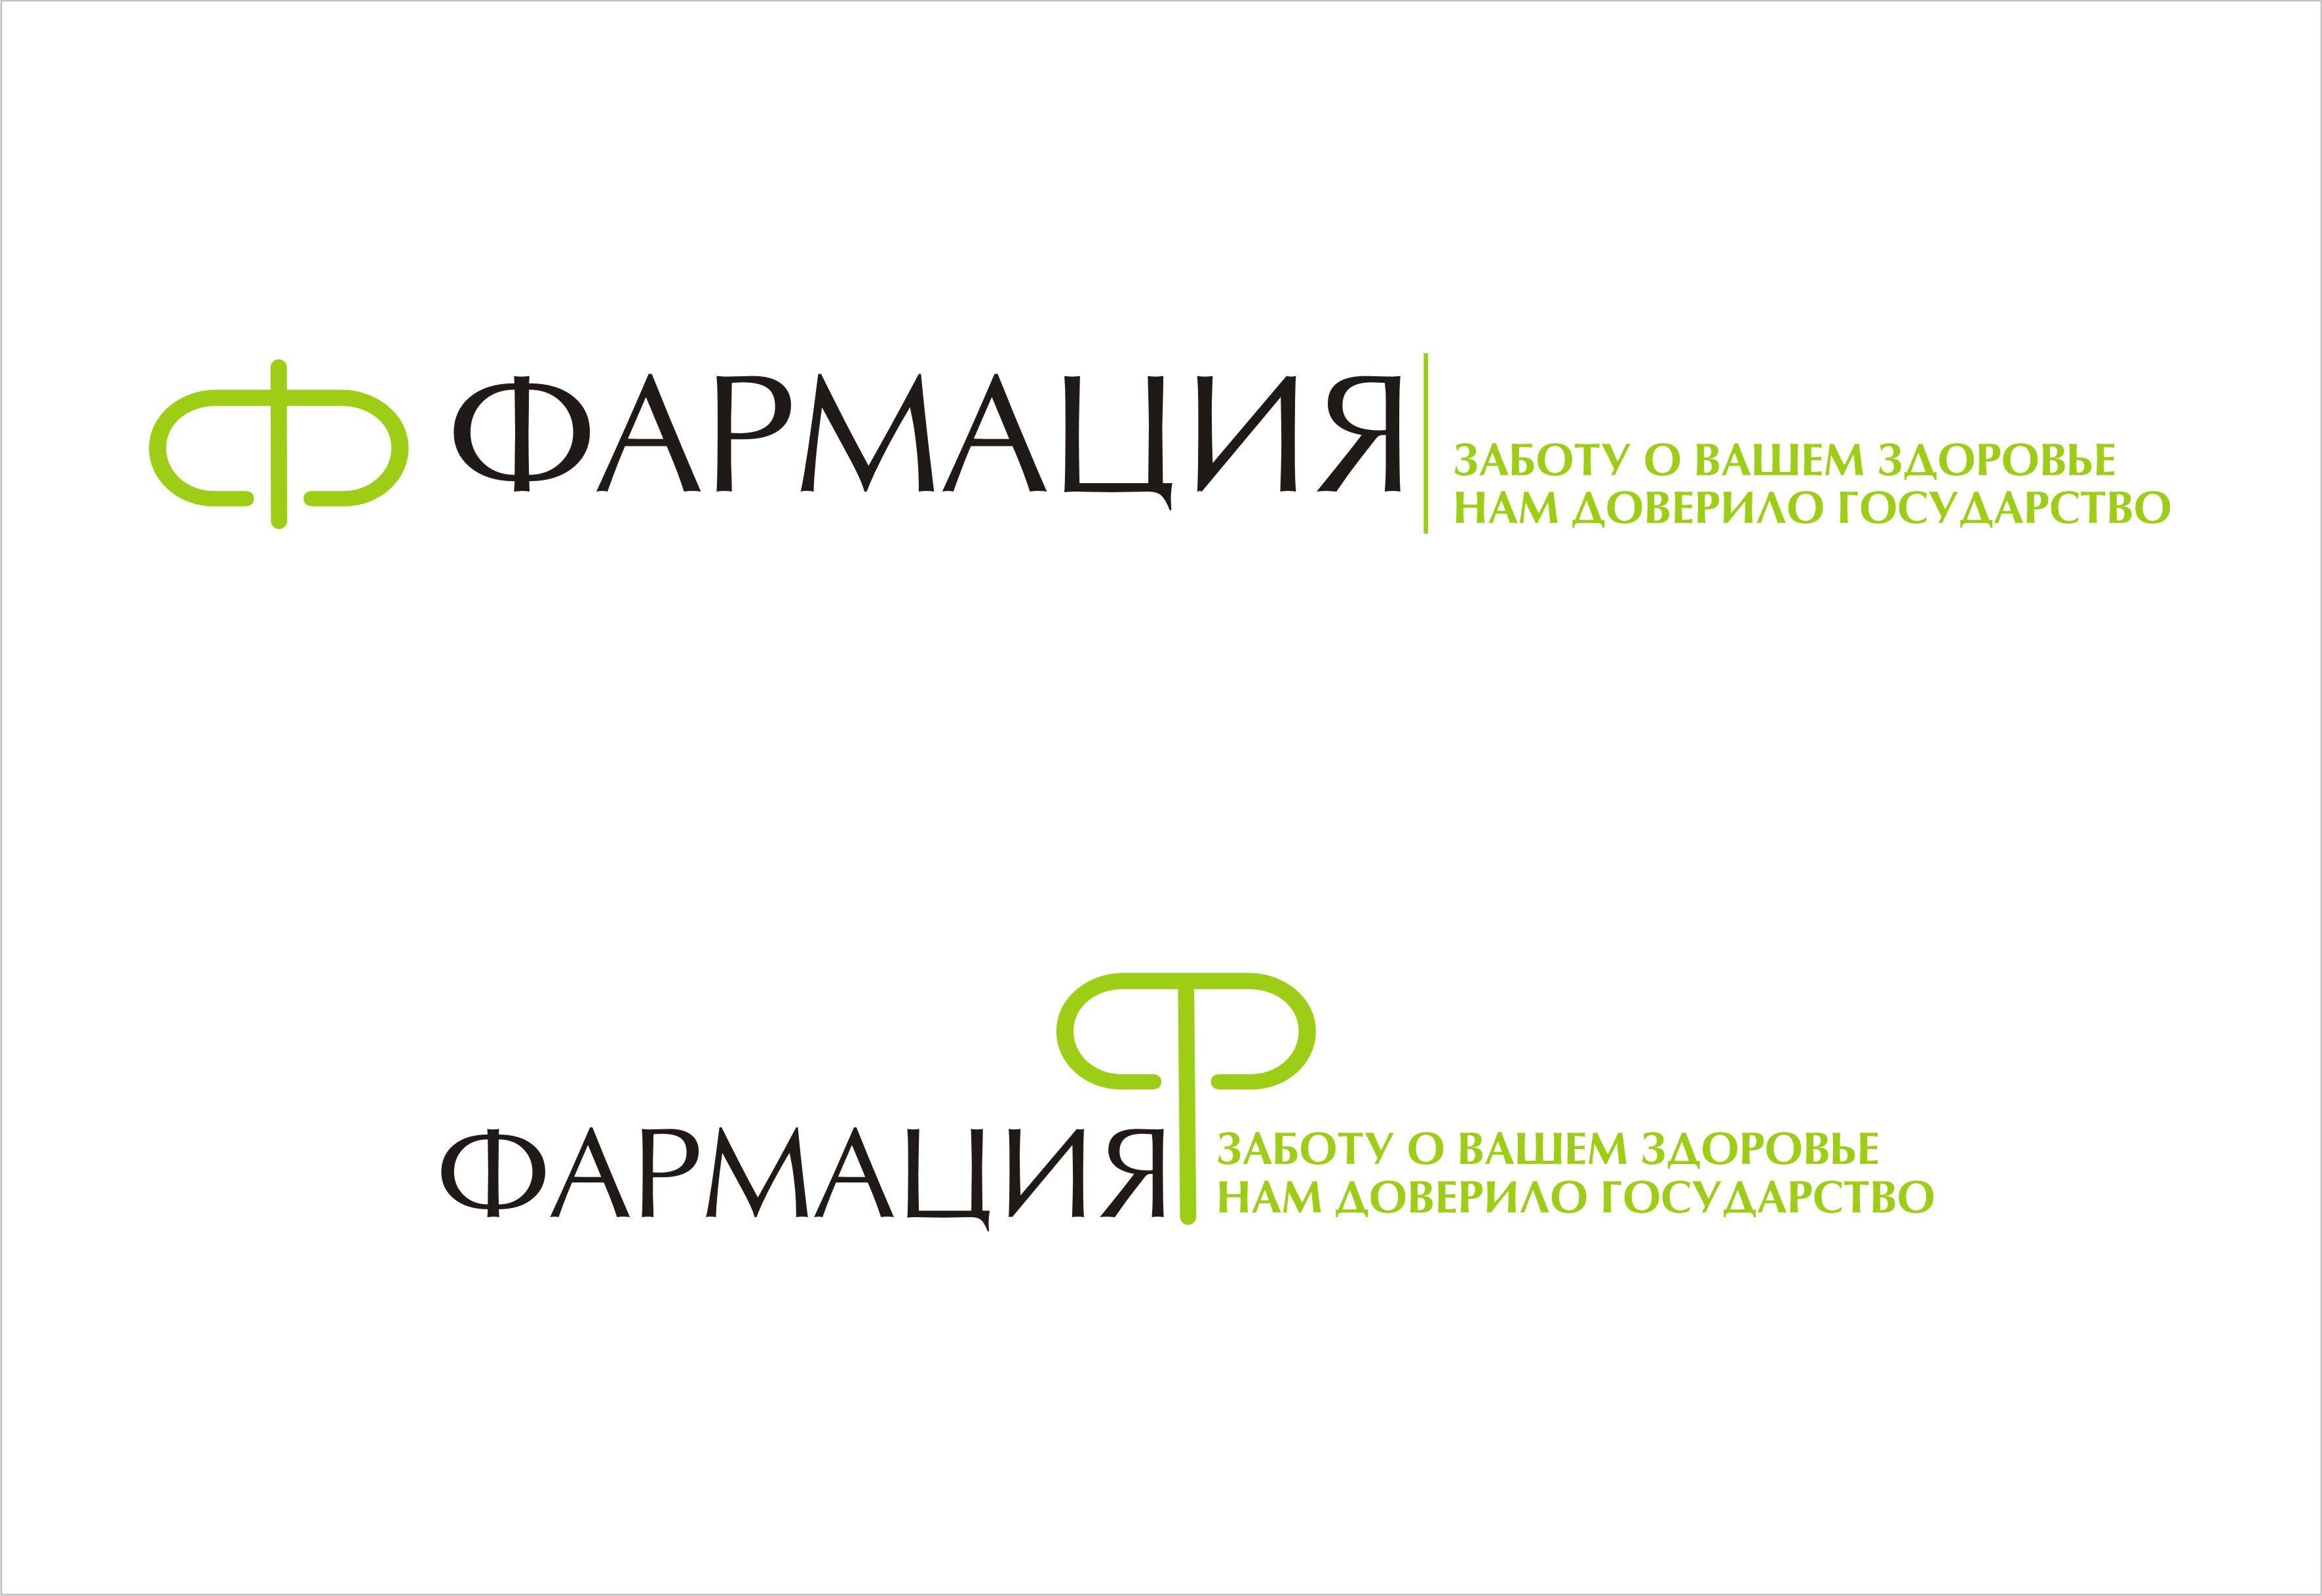 Логотип для государственной аптеки - дизайнер psi_33